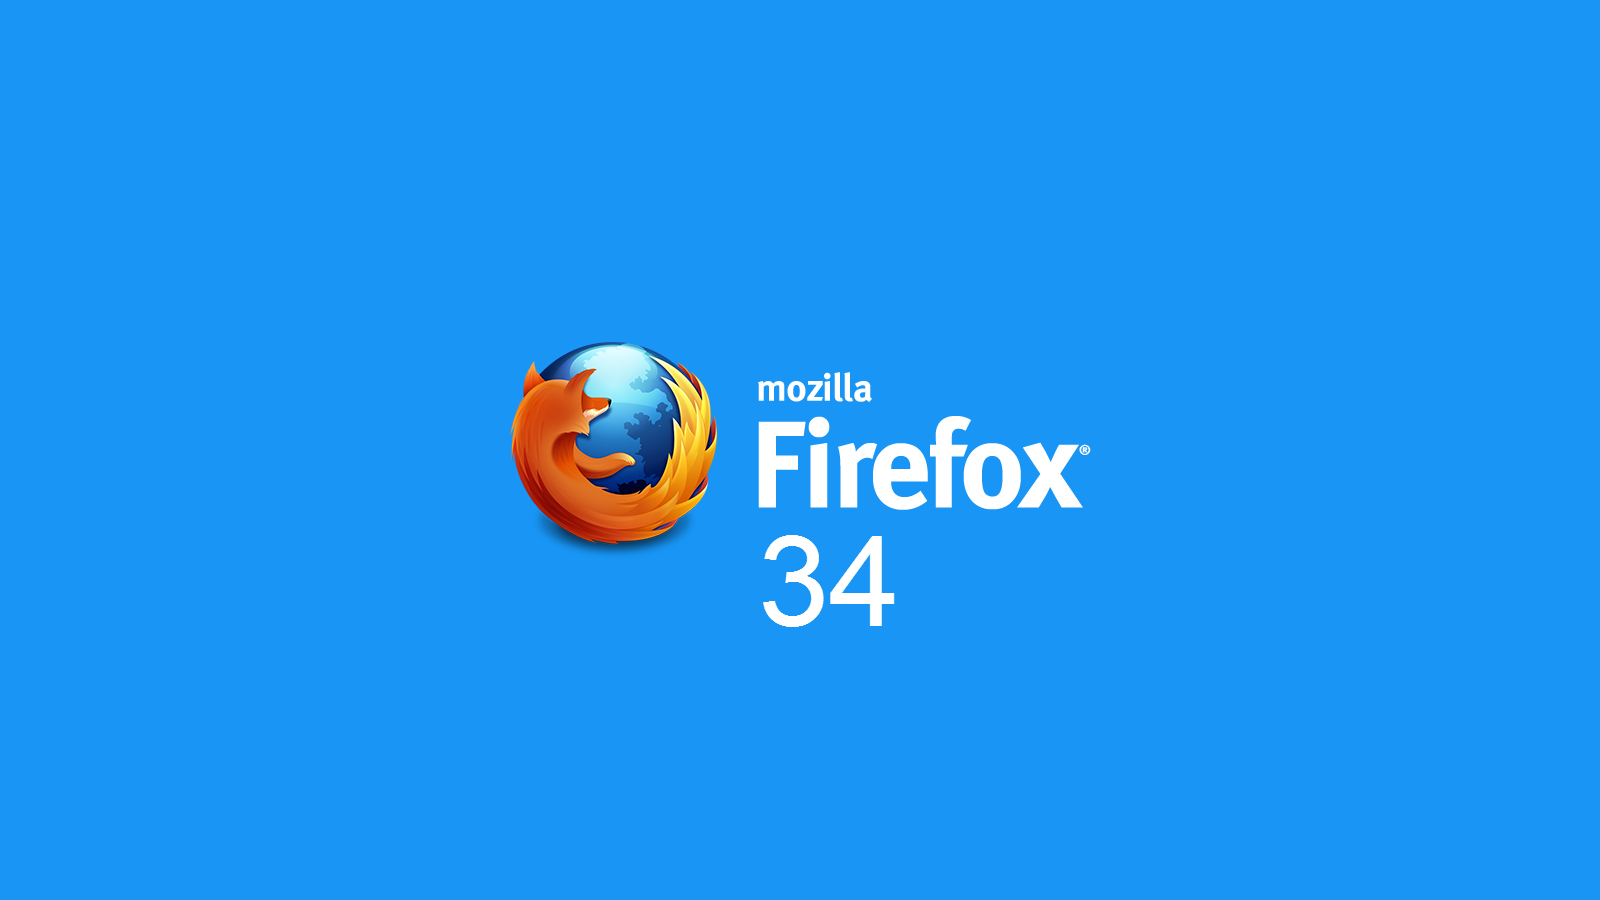 Google chrome бесплатно windows 7 скачать: скачать mozilla firefox.